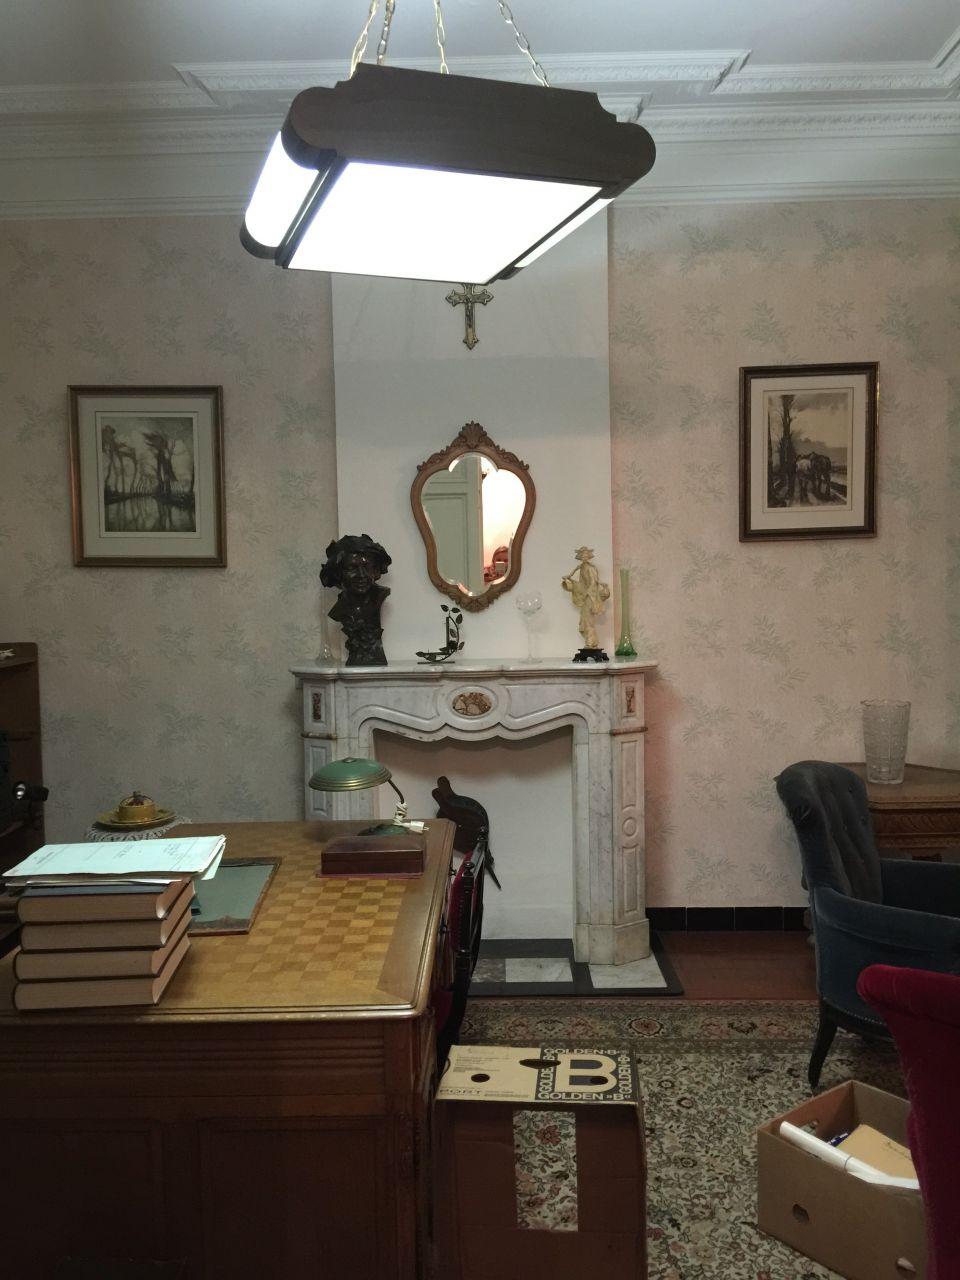 Salon avant que la maison ne soit vidée